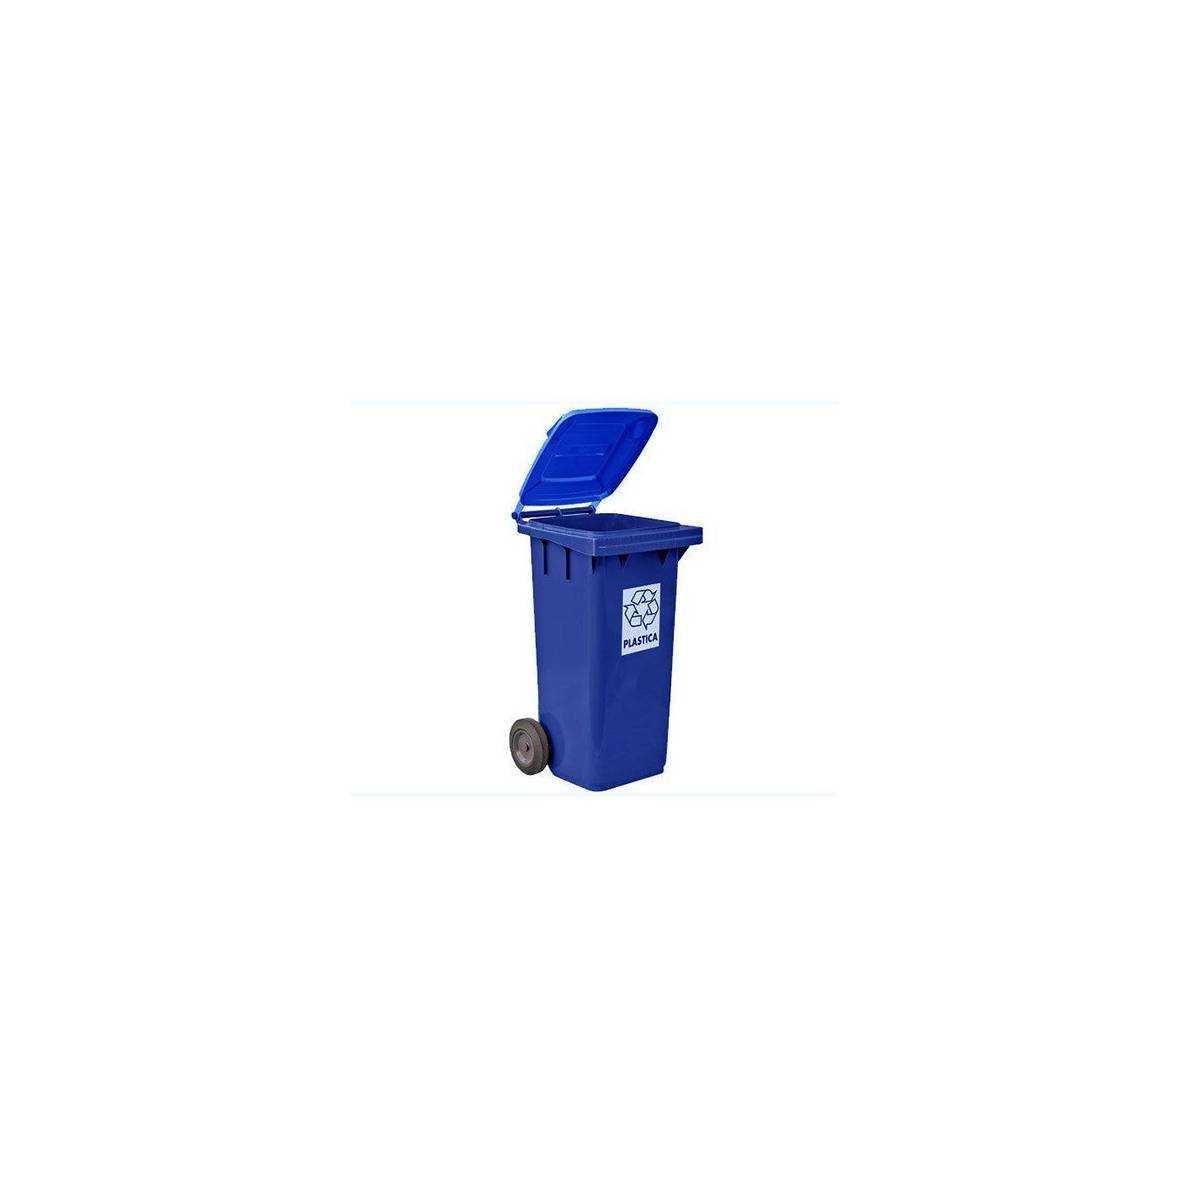 Контейнер для мусора 240л (5291B) 5291B Mar Plast